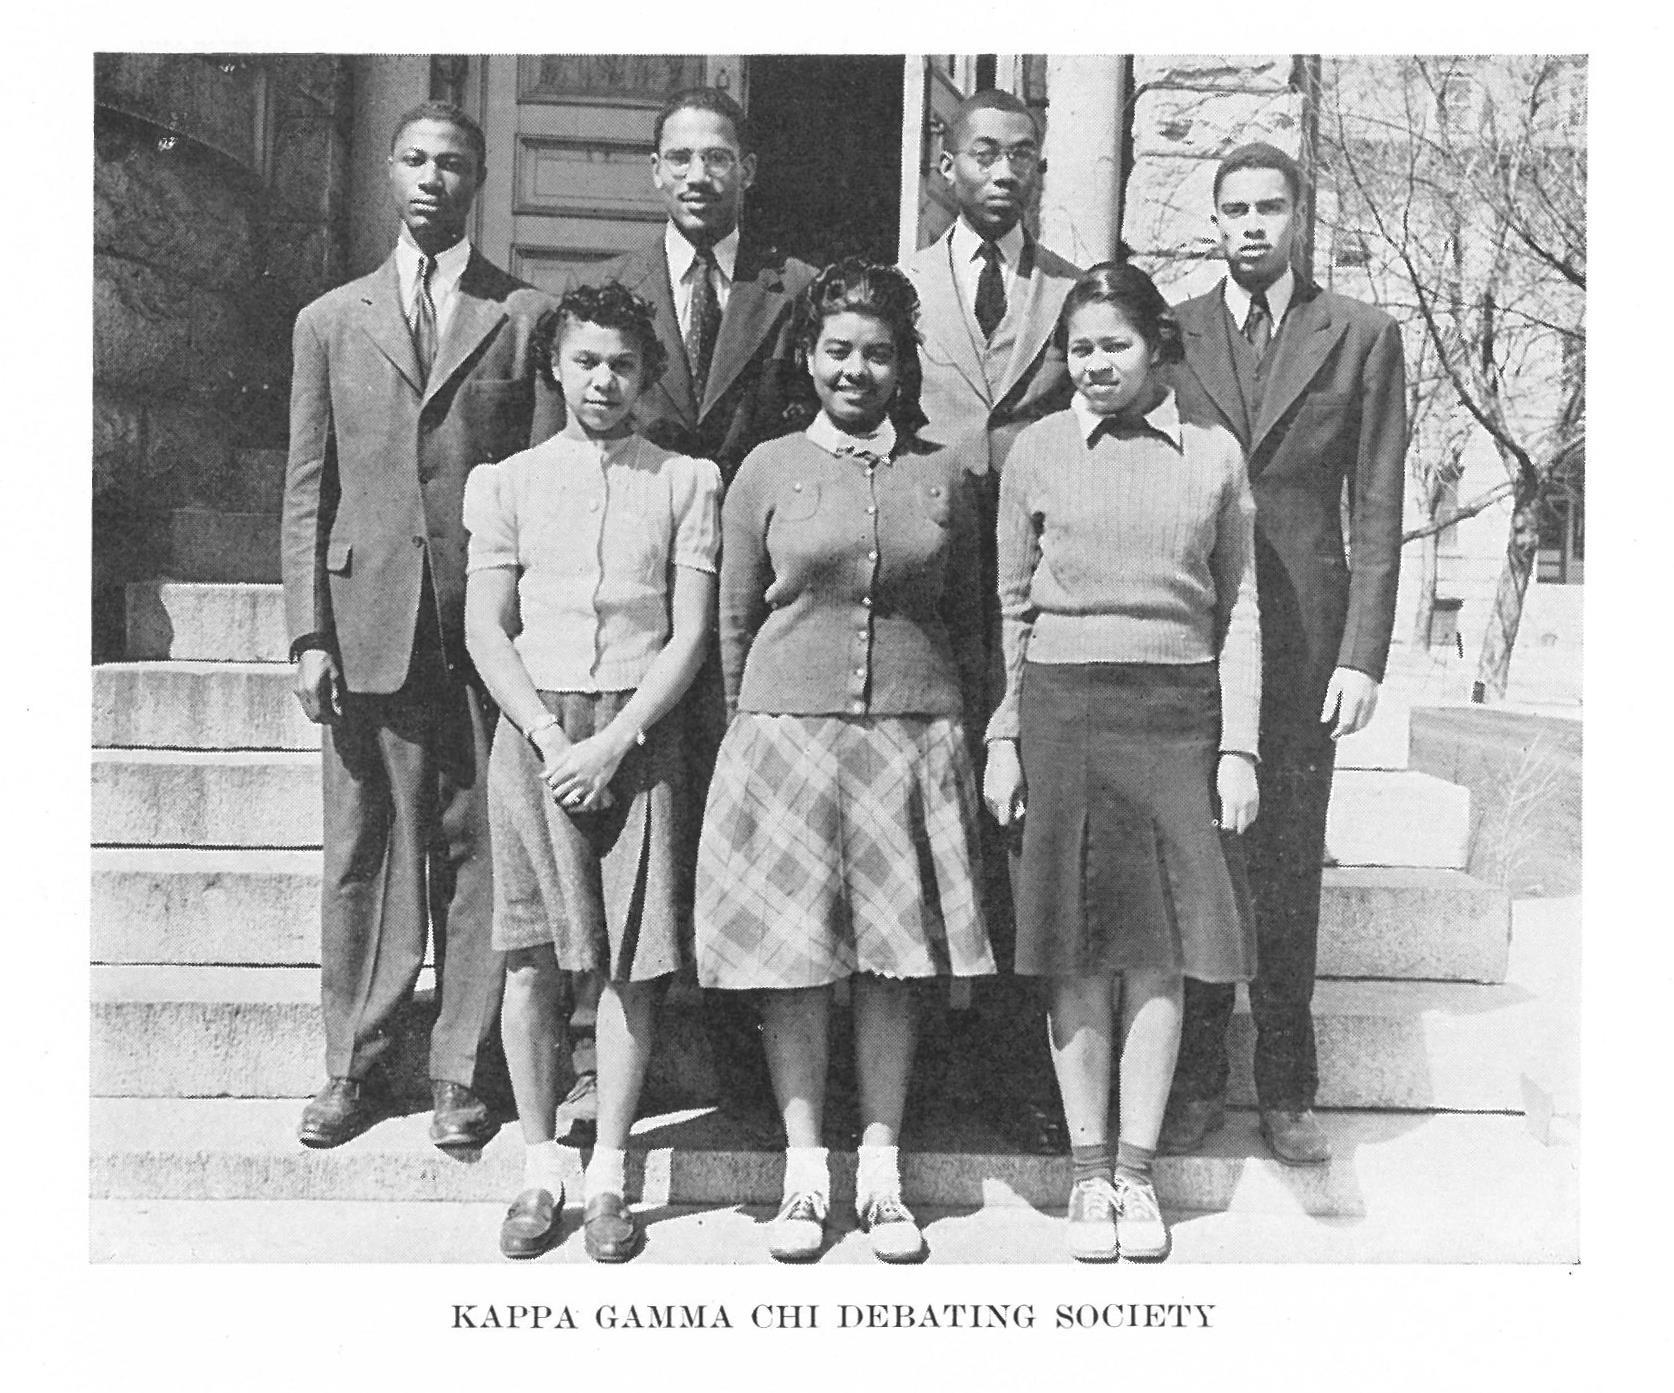 Kappa Gamma Chi Debating Society_1942 Pa